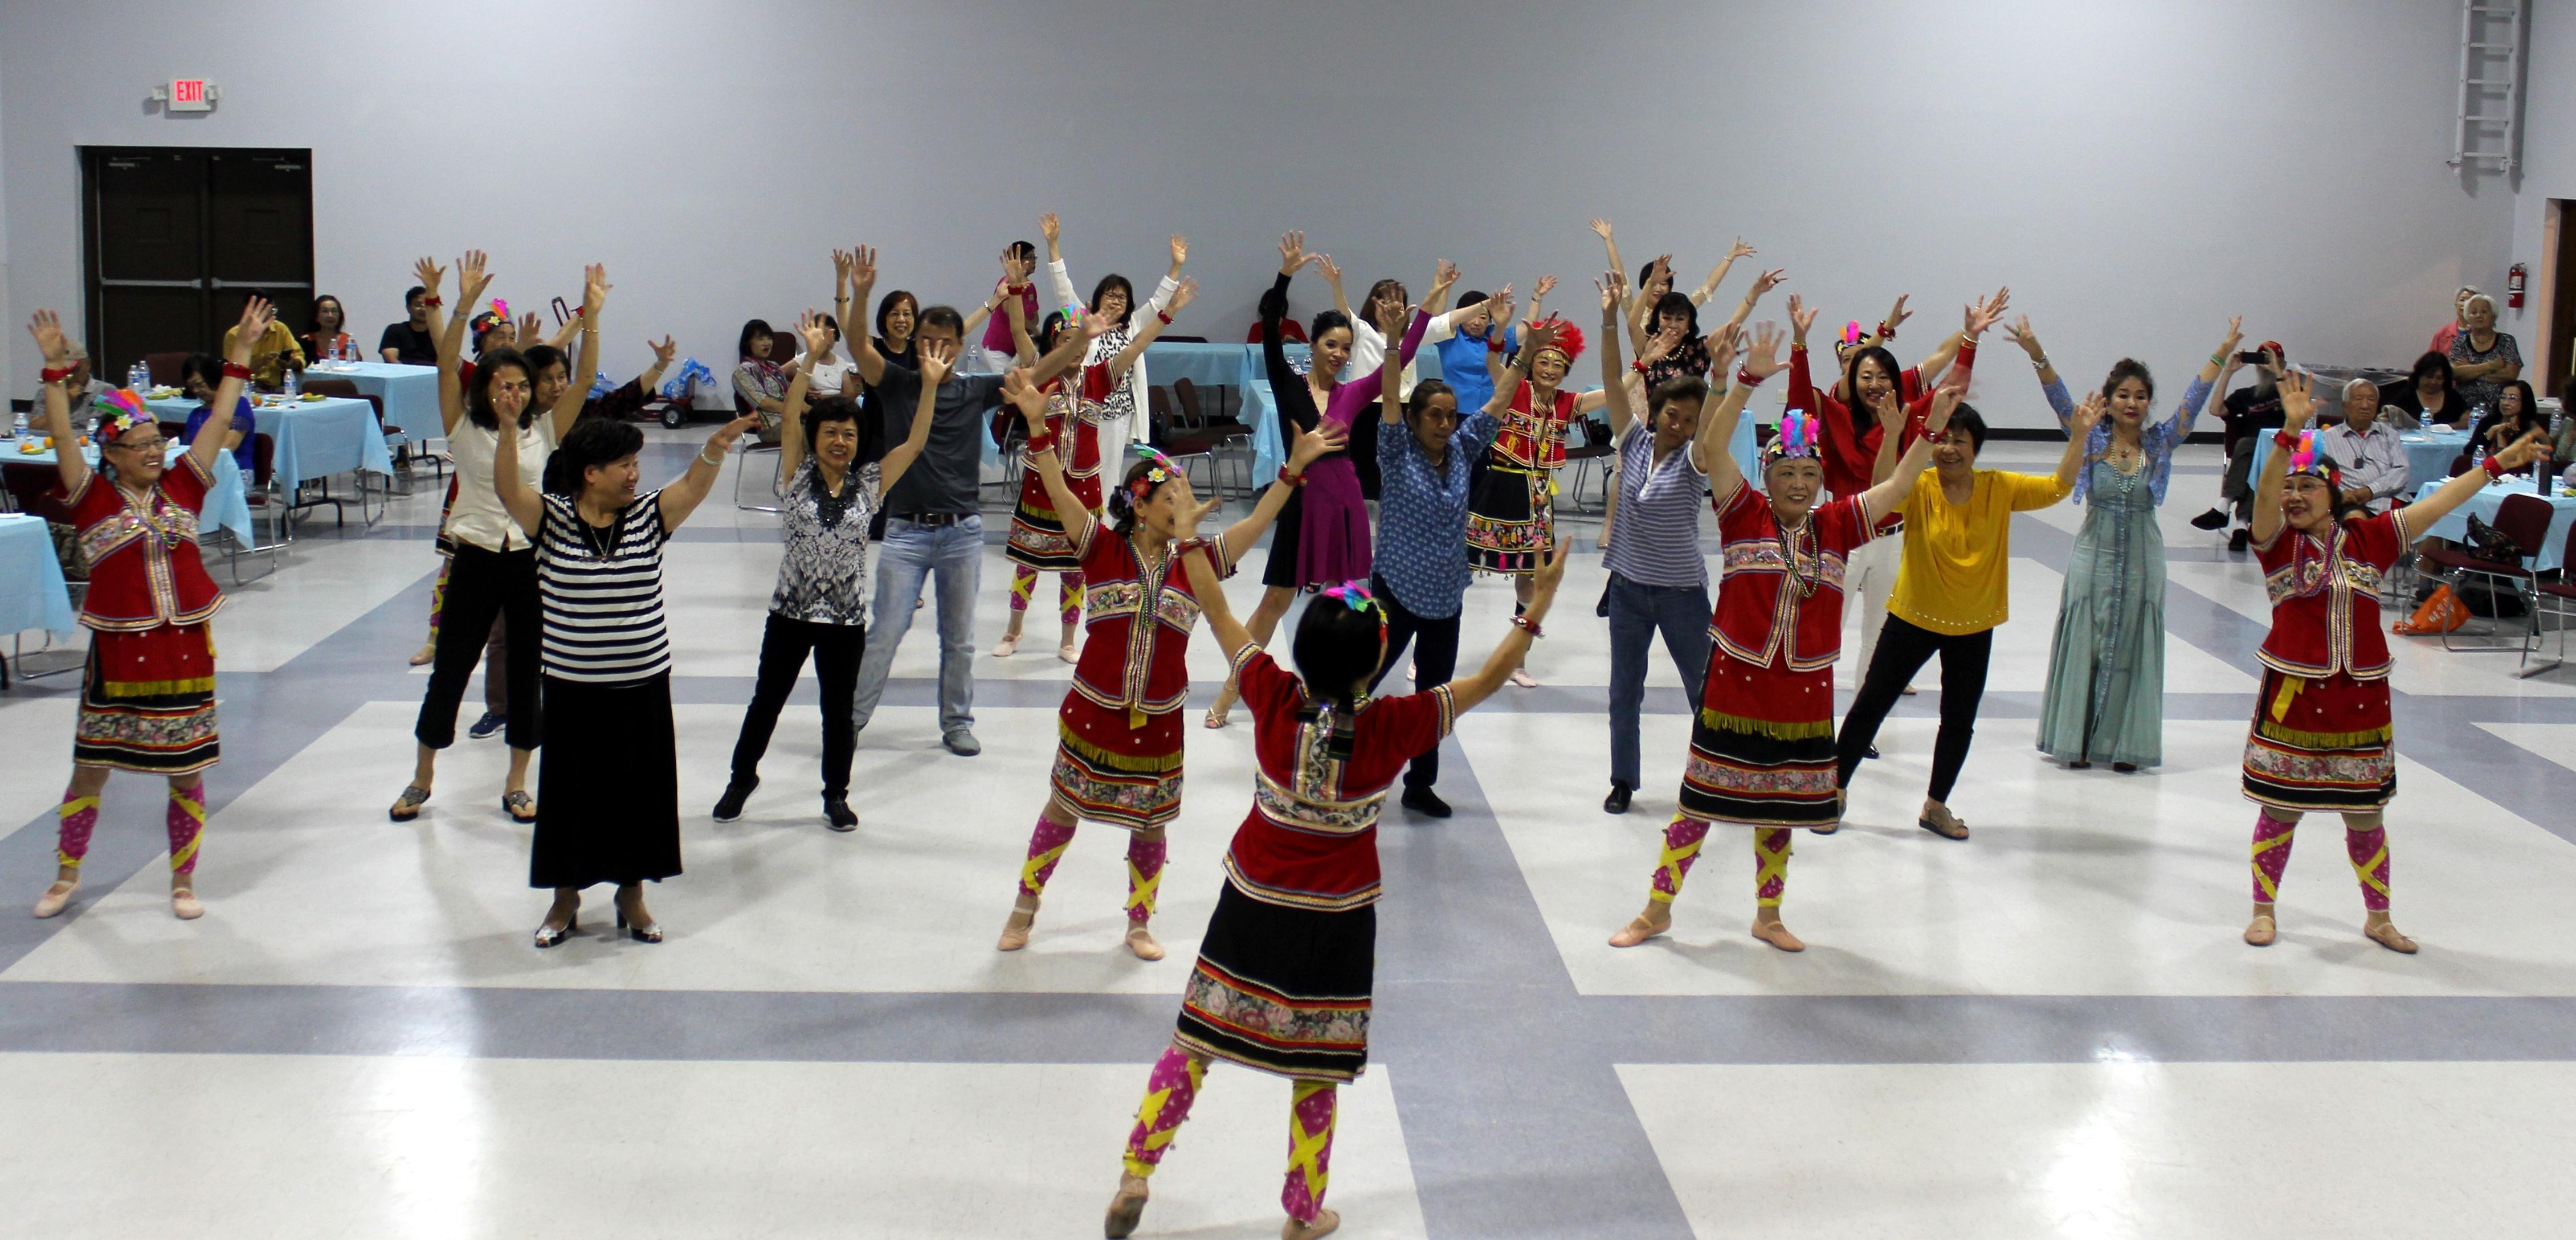 幸福舞蹈班帶動全場一起跳山地舞。